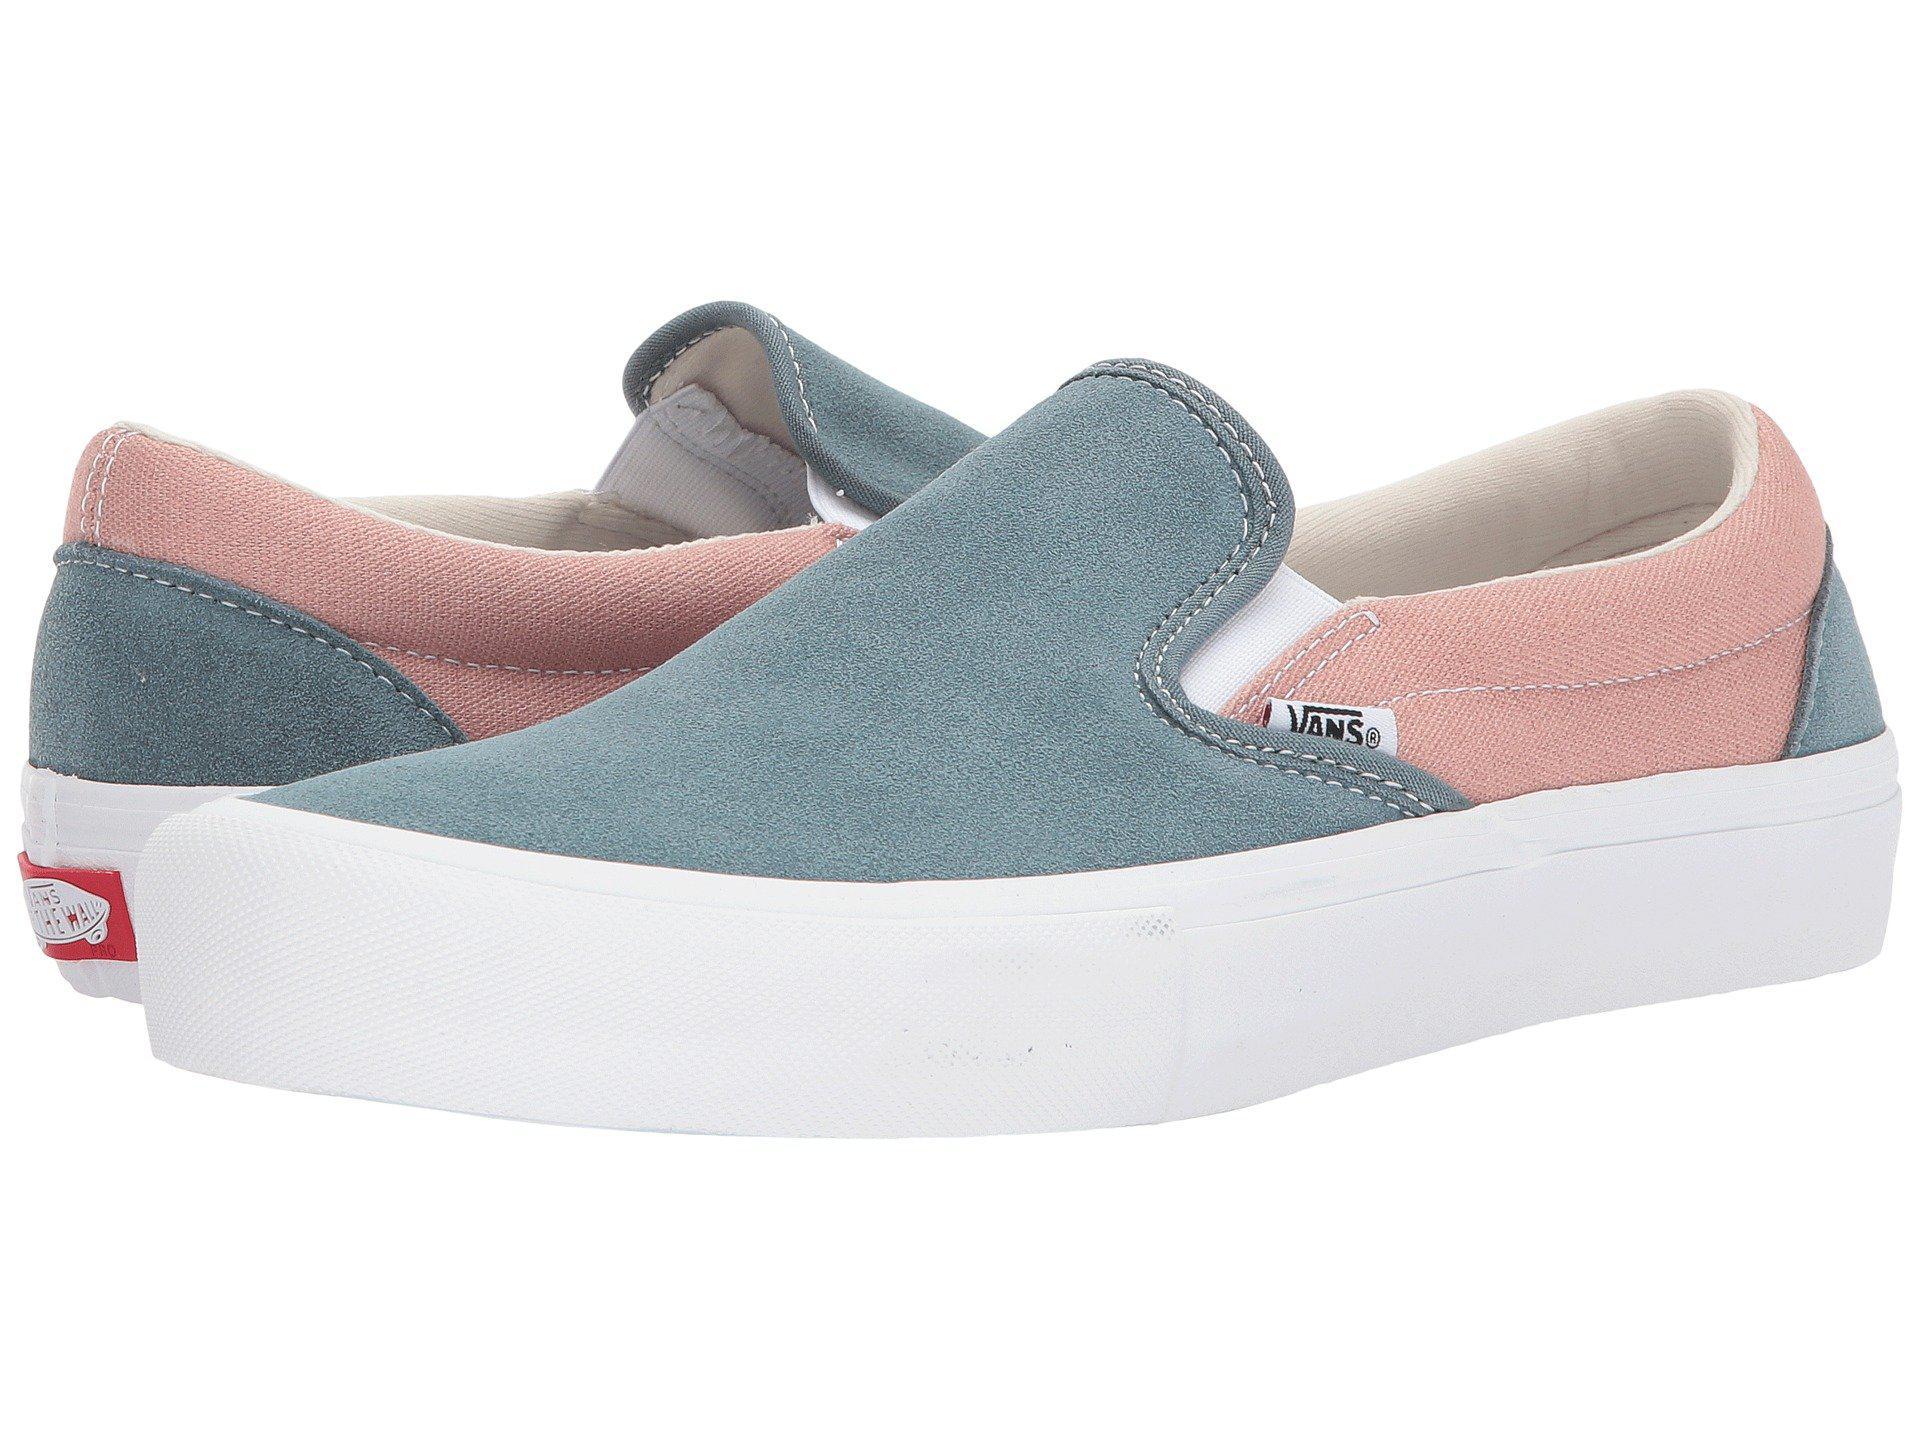 Lyst - Vans Slip-on Pro (white white) Men s Skate Shoes in Blue for Men 5070c0b71